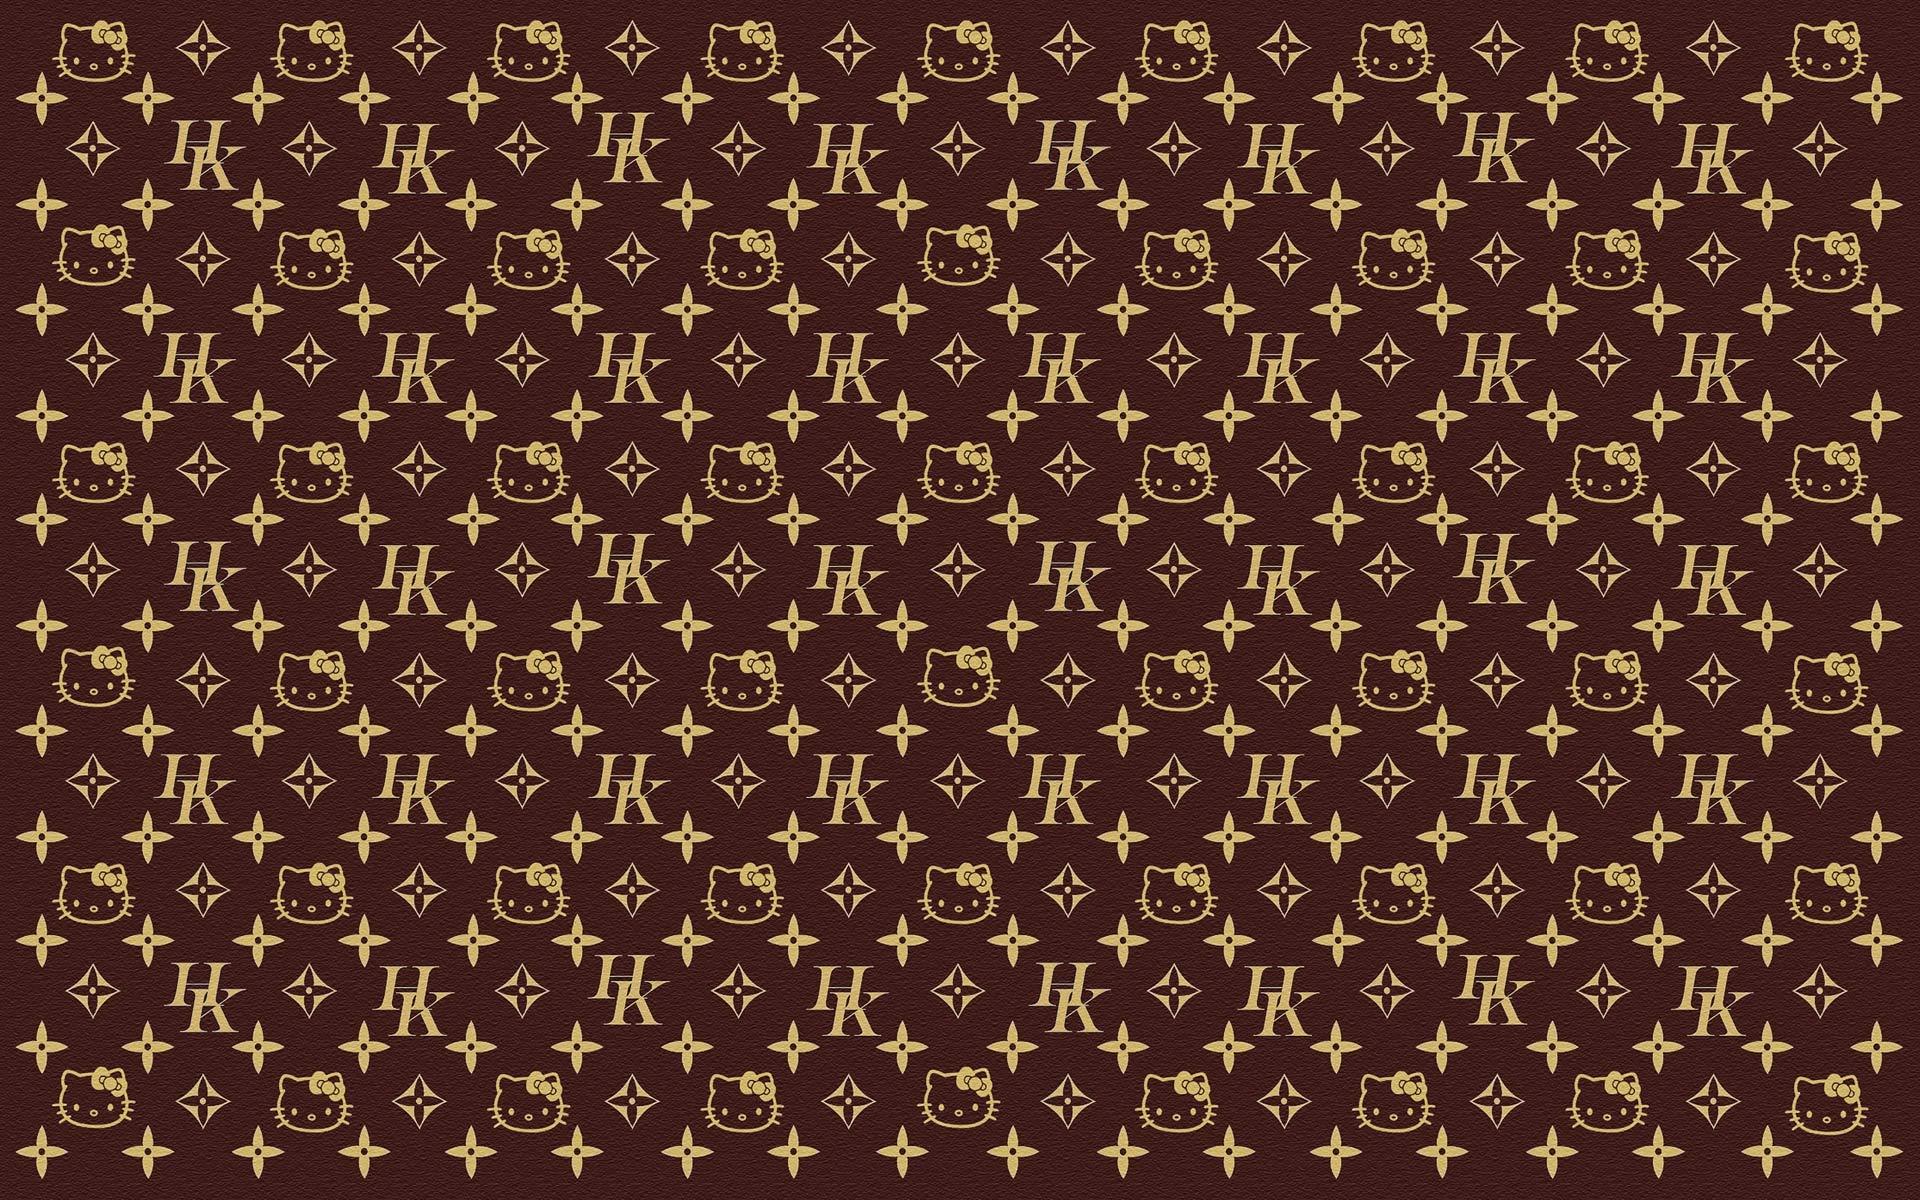 louis vuitton monogram wallpaper Helen Dunn Registered Clinical 1920x1200